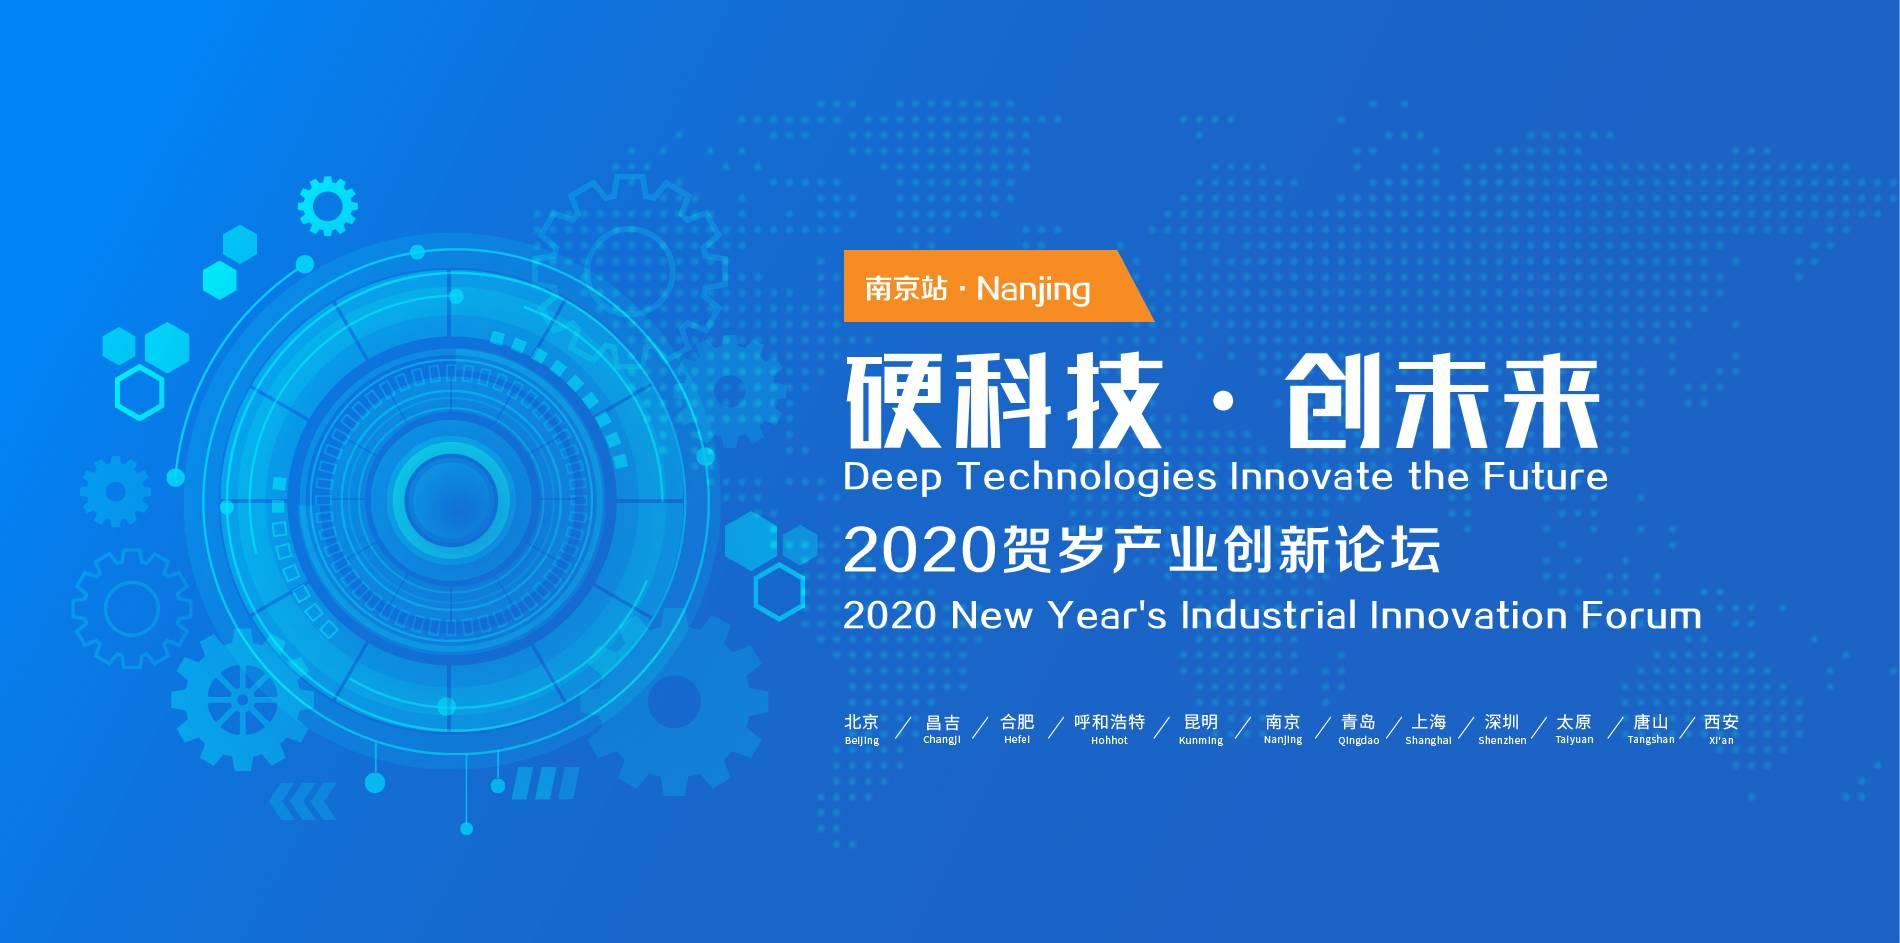 【活动】硬科技·创未来--2020贺岁产业创新论坛·南京站-亿欧